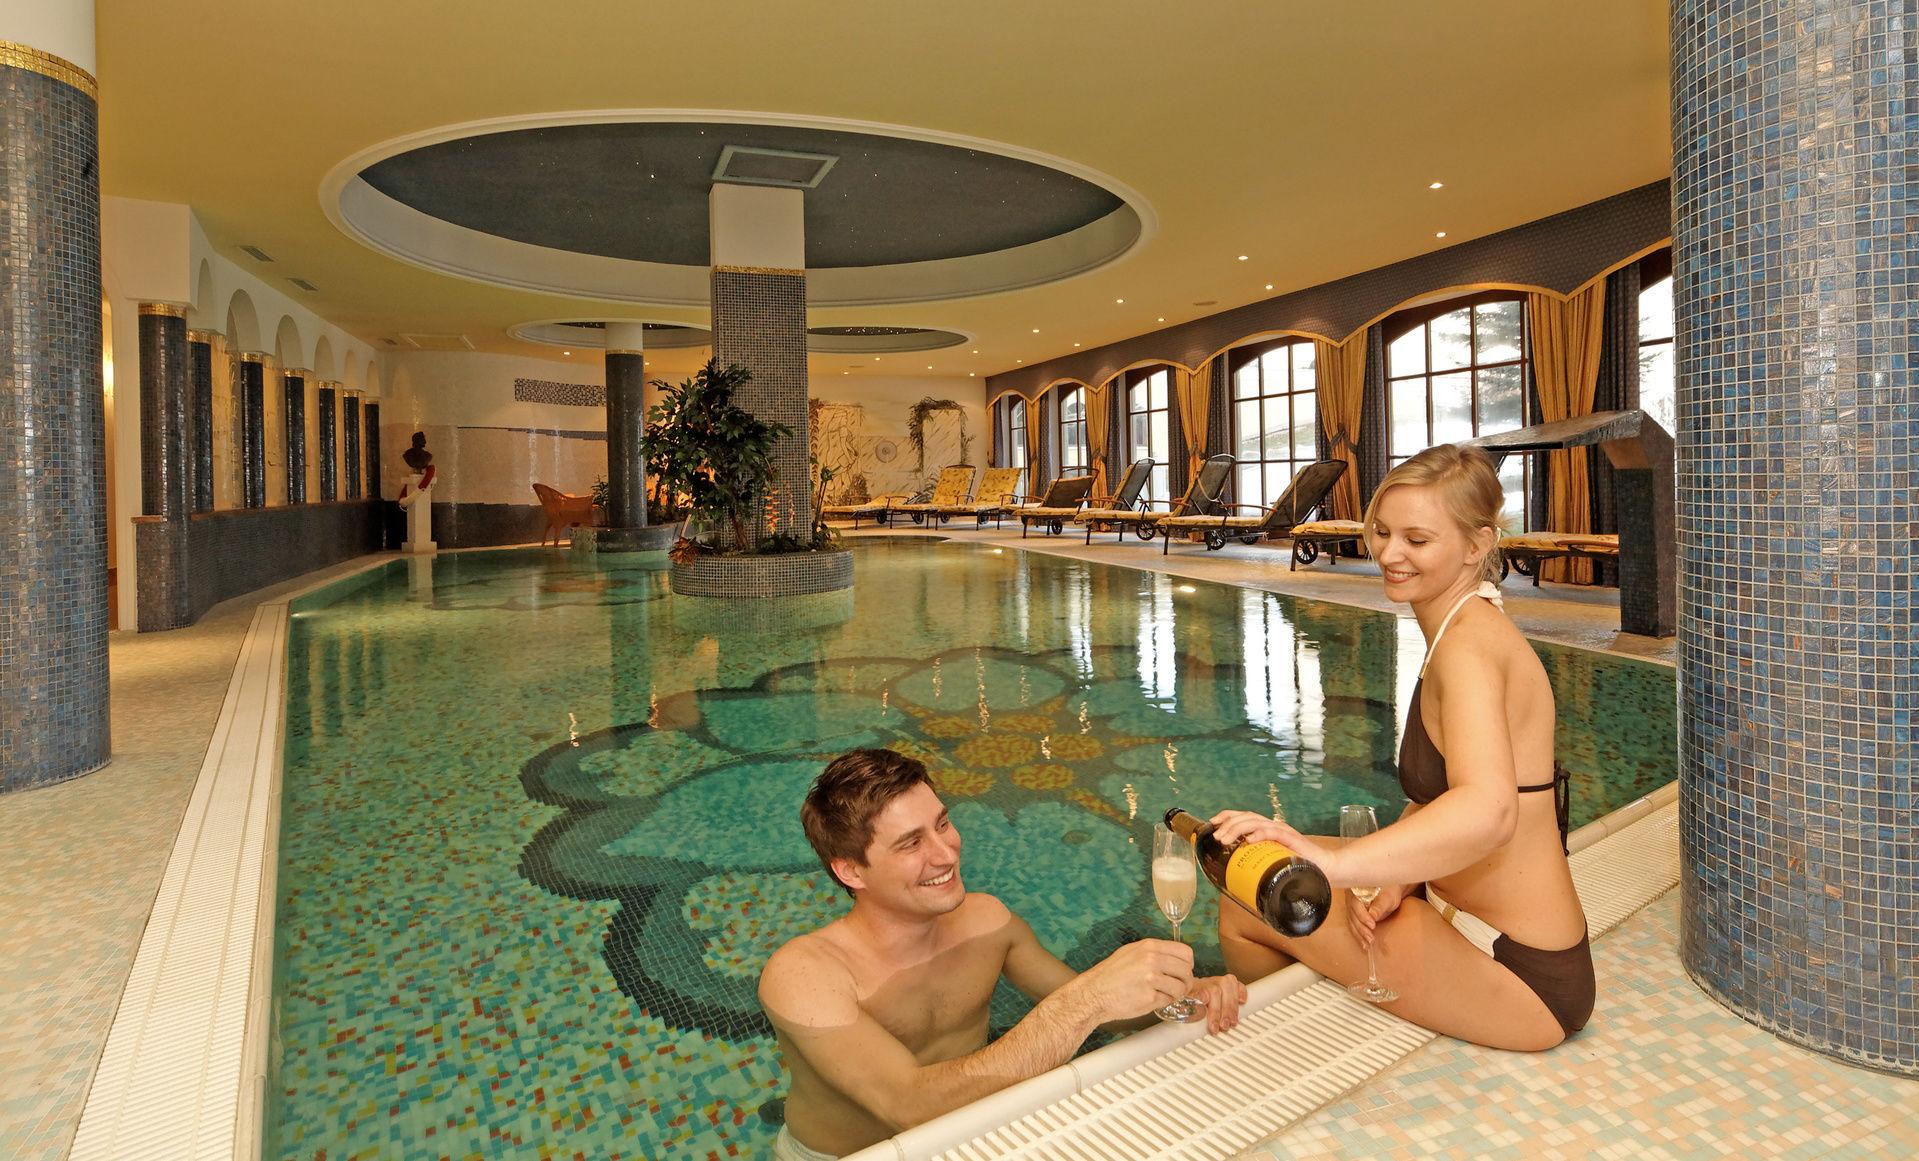 Willkommen im 4 sterne wellnesshotel parkschl ssl thyrnau passau niederbayern wellnessurlaub for Wellnesshotel nahe gottingen